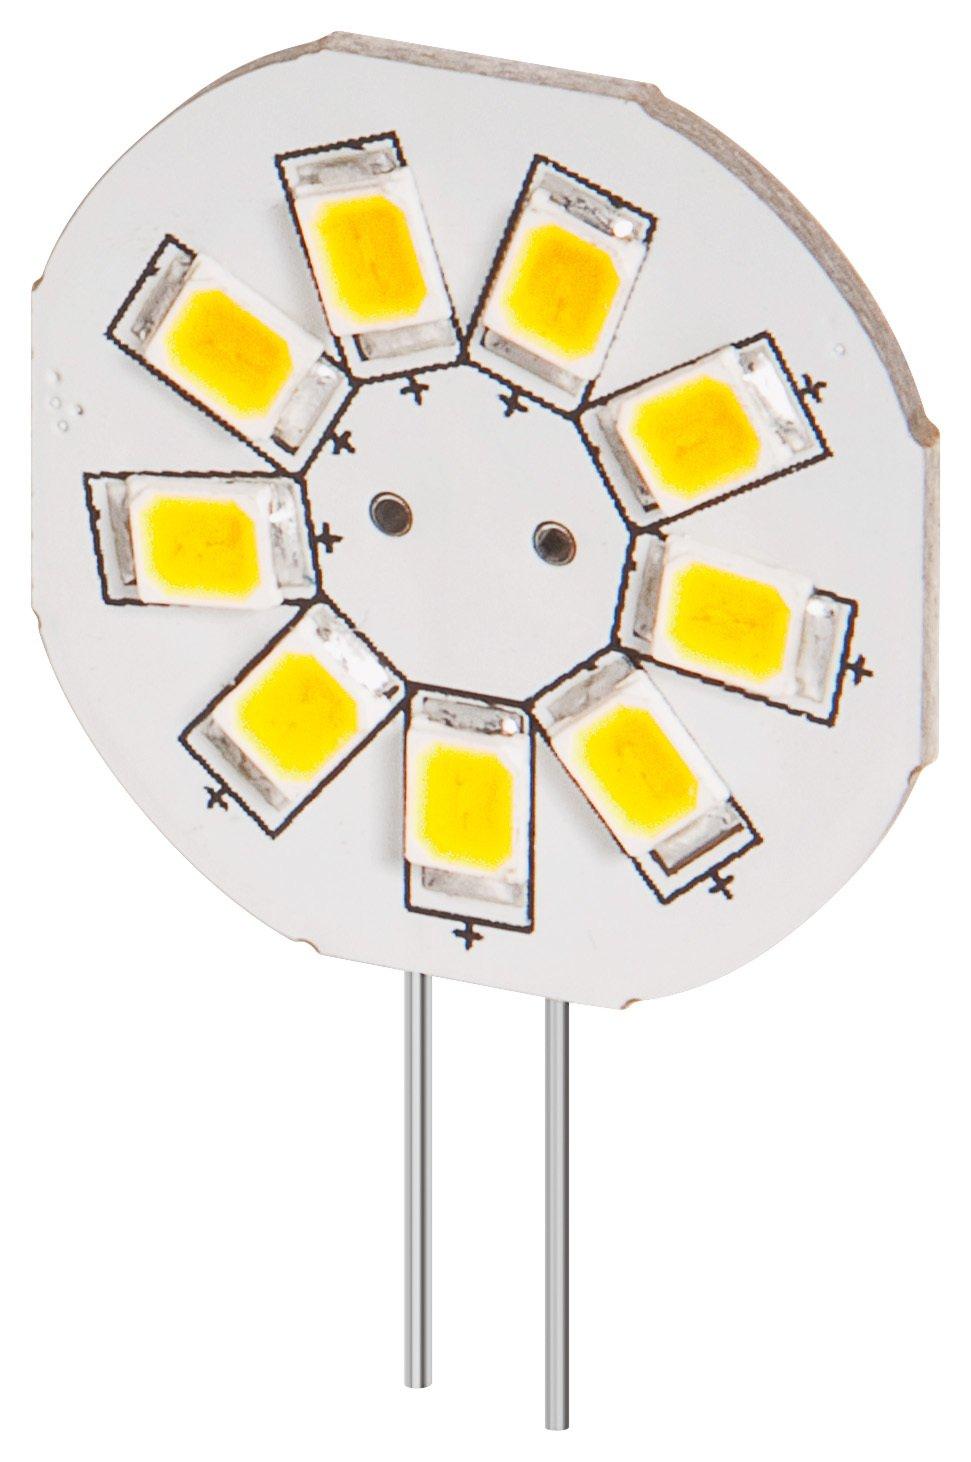 10er Set LED Einbaustrahler 1,5 W, Sockel G4, ersetzt 15 W, 120 Lumen, warm-weißes Licht mit 2800 K